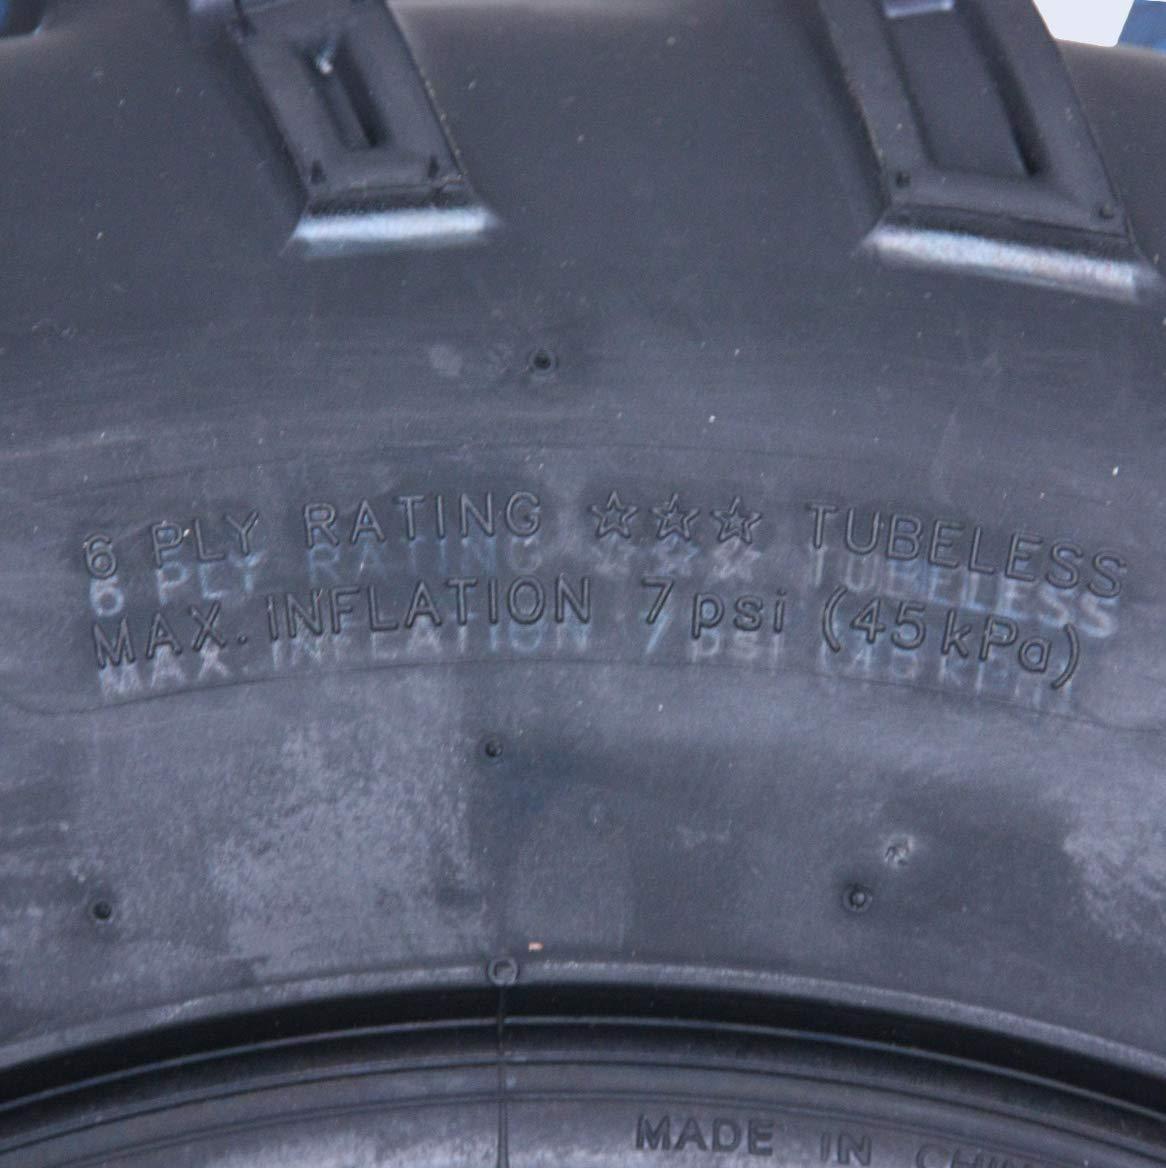 Polaris E-Zeichen Reifen 24x8-12 Wanda 6ply P373 24x8.00-12 Atv Quad Reifen